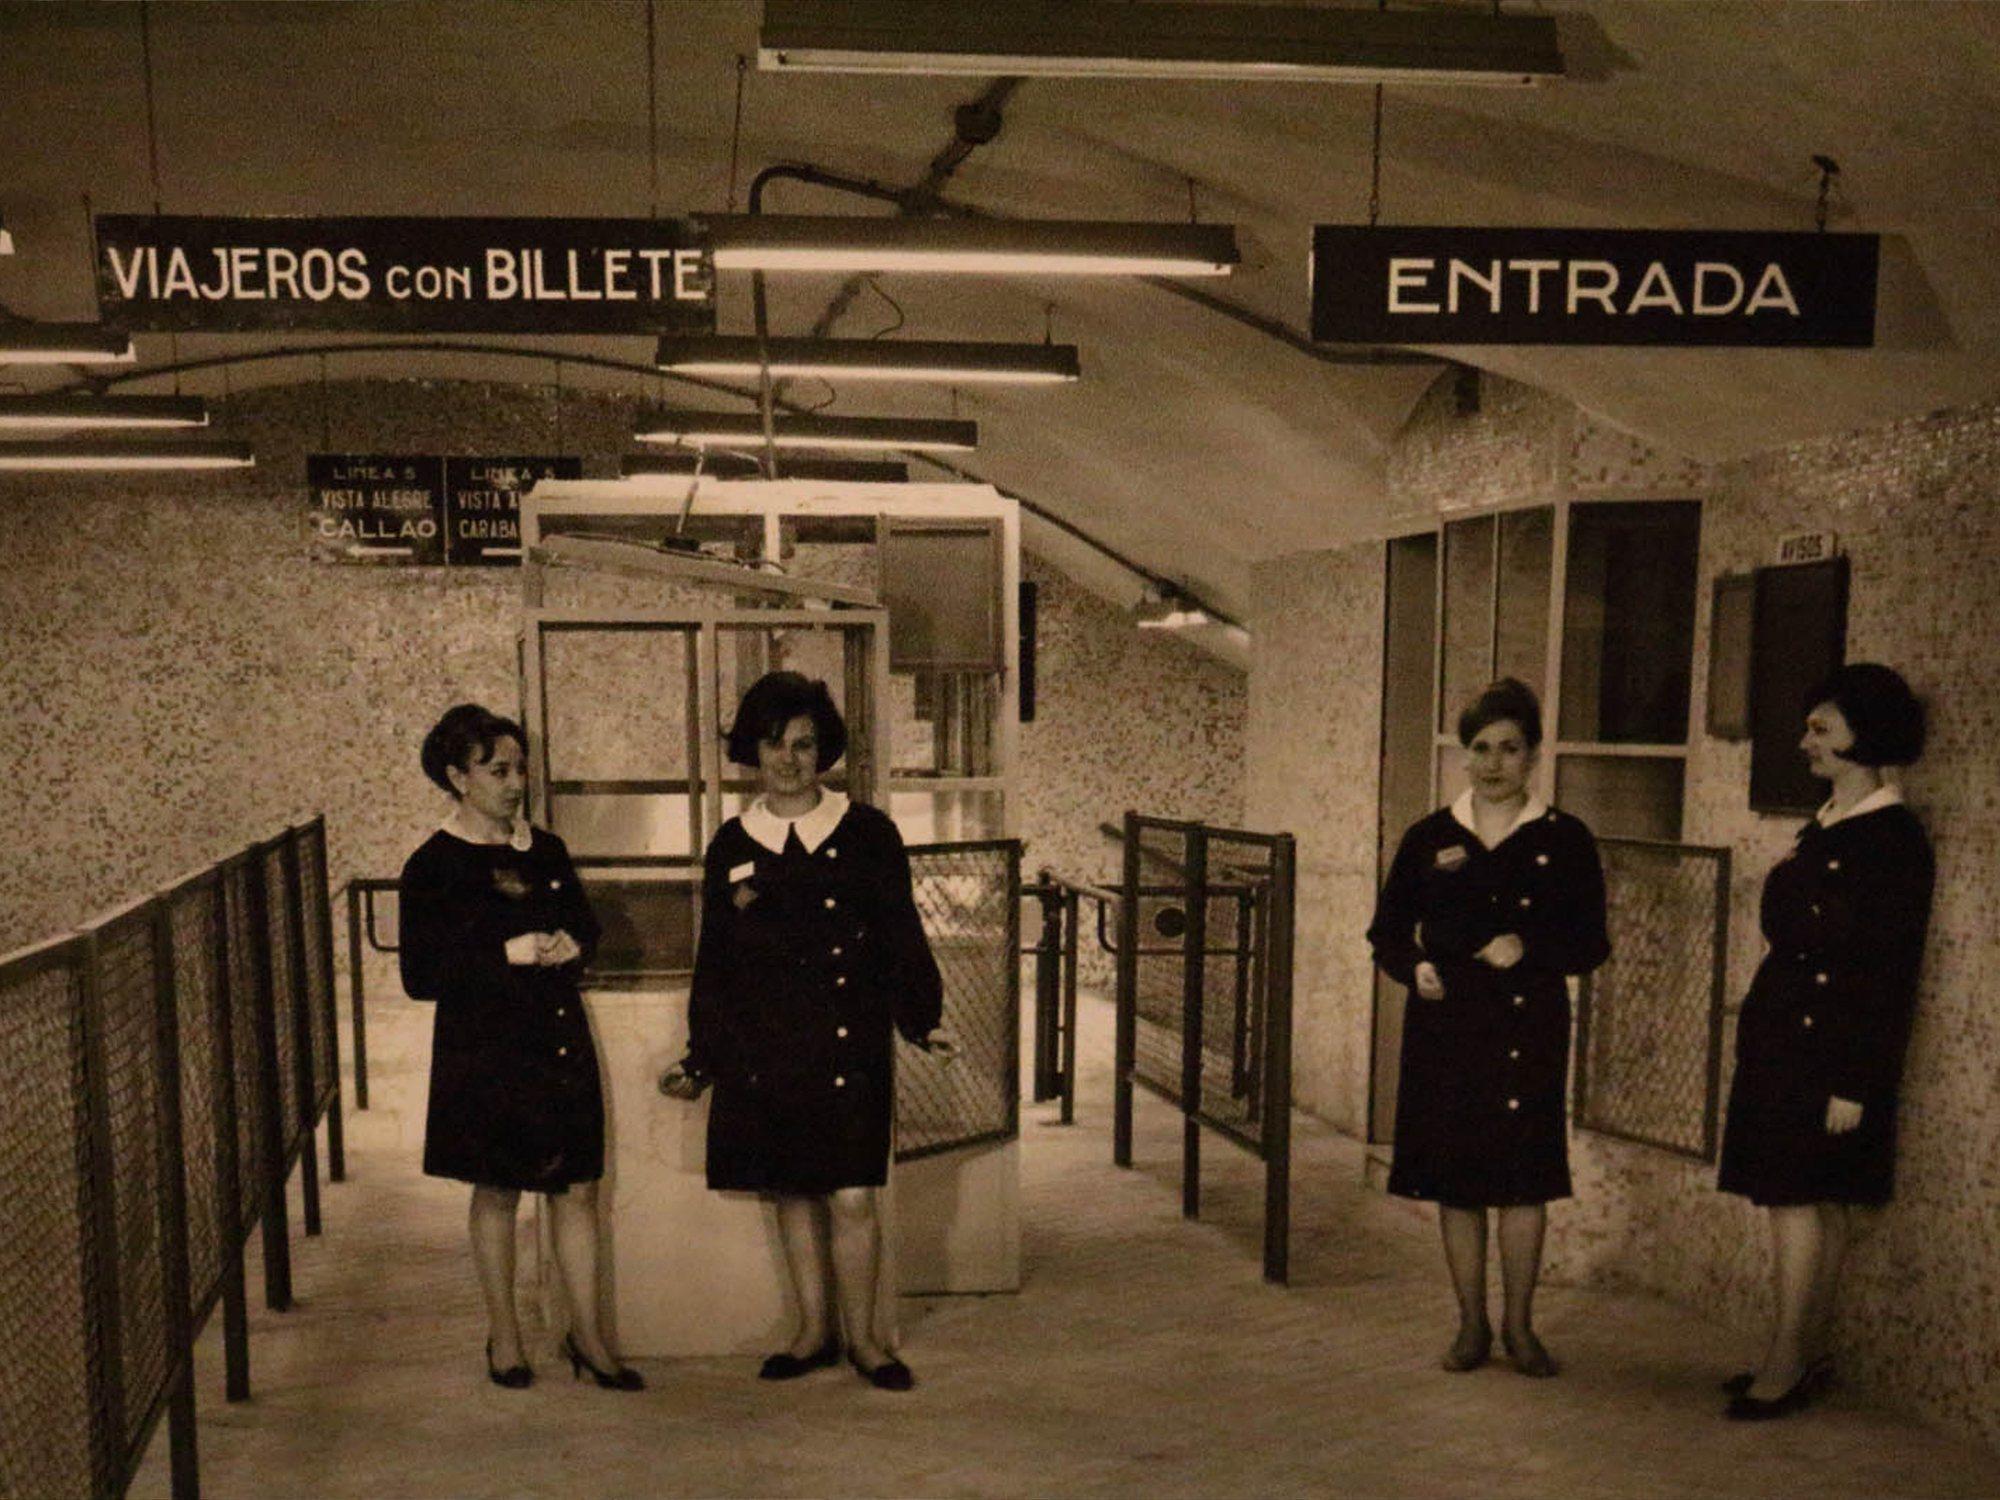 La maldición de la línea 5 y los huesos emparedados: la leyenda negra del Metro de Madrid